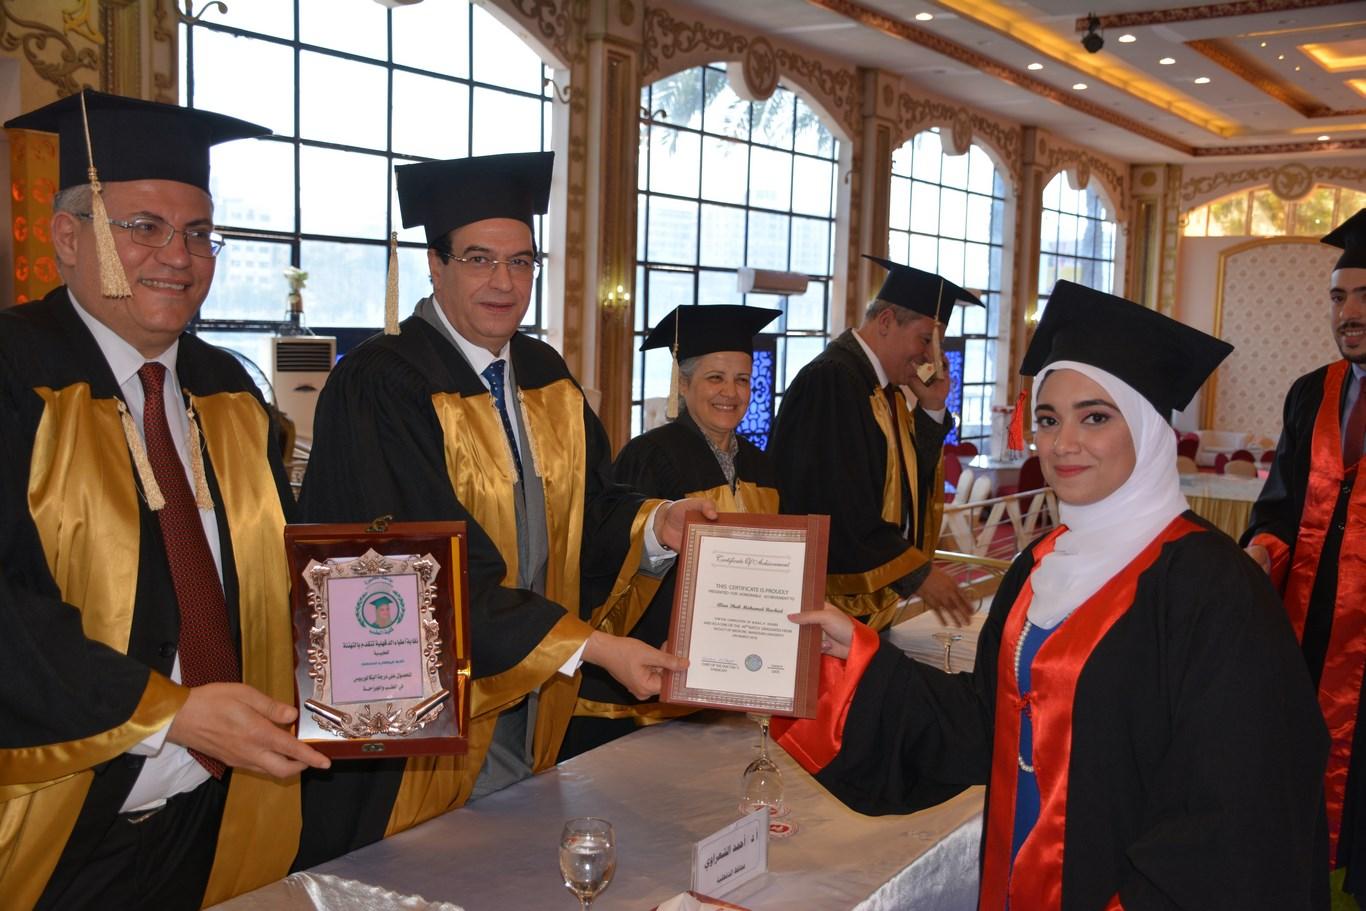 حفل تخريج طلاب الدفعة 49 طب المنصورة  (7)